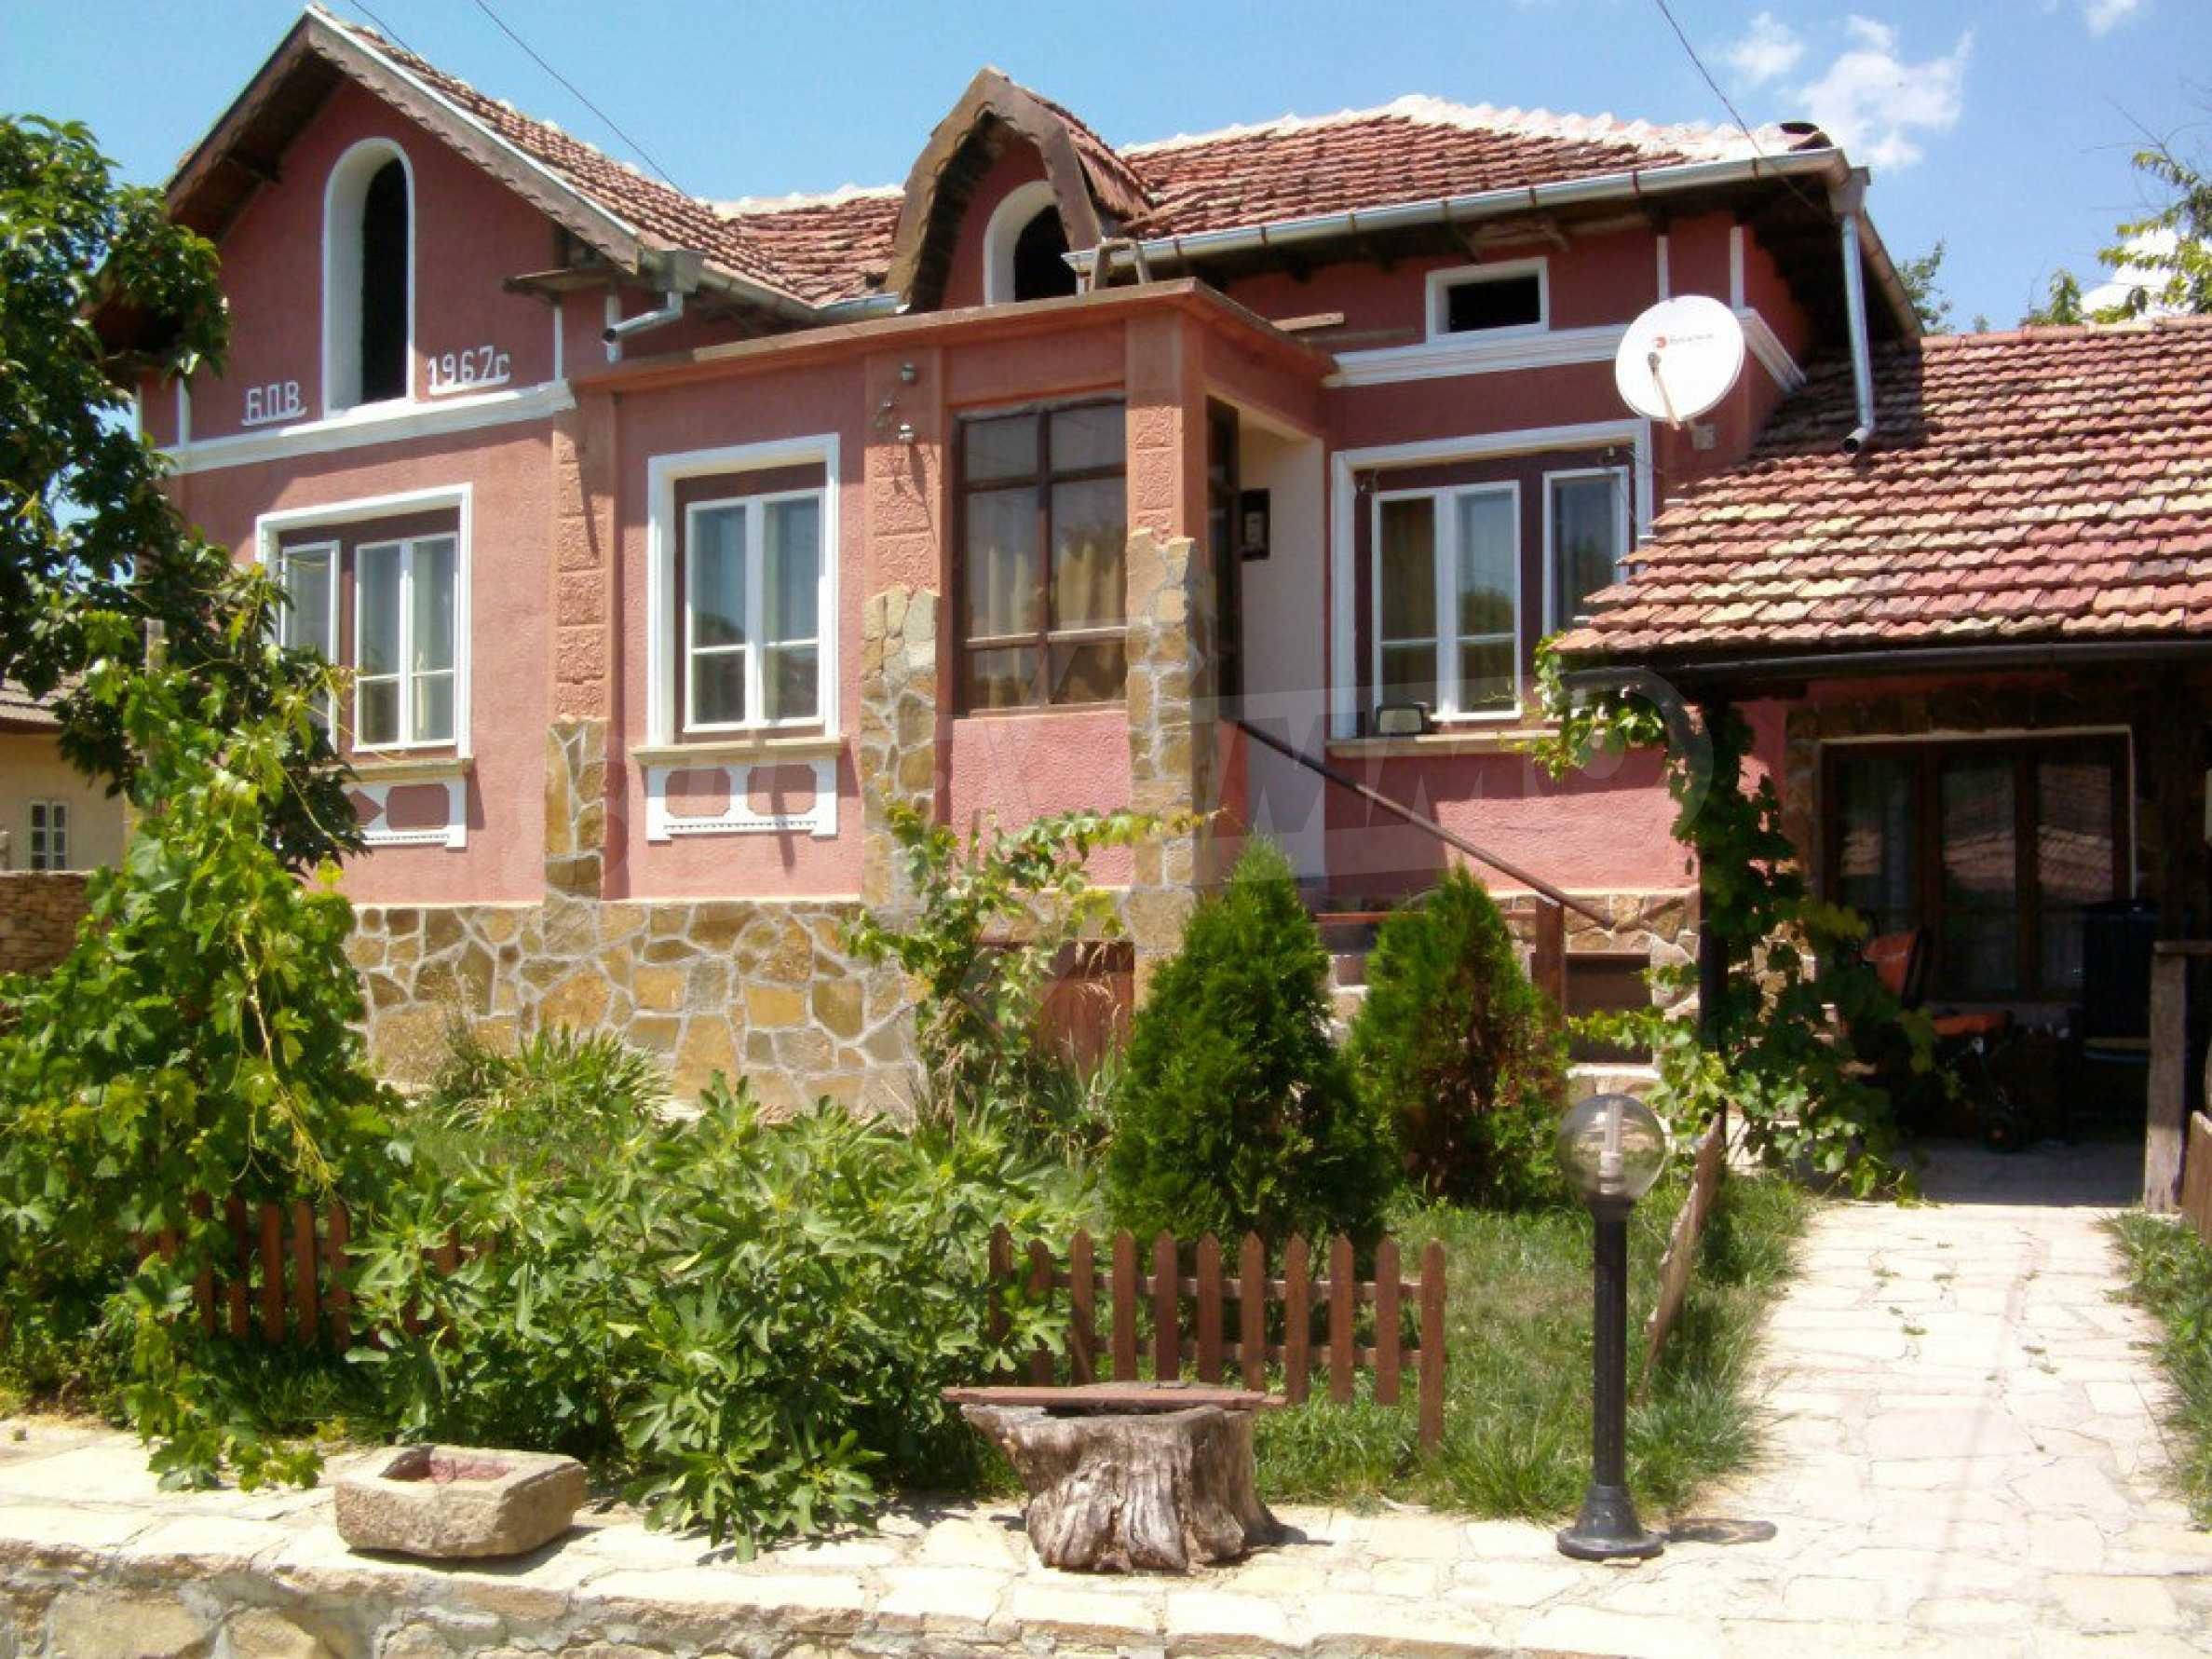 Vollständig möbliertes Anwesen im erhaltenen traditionellen bulgarischen Stil 1